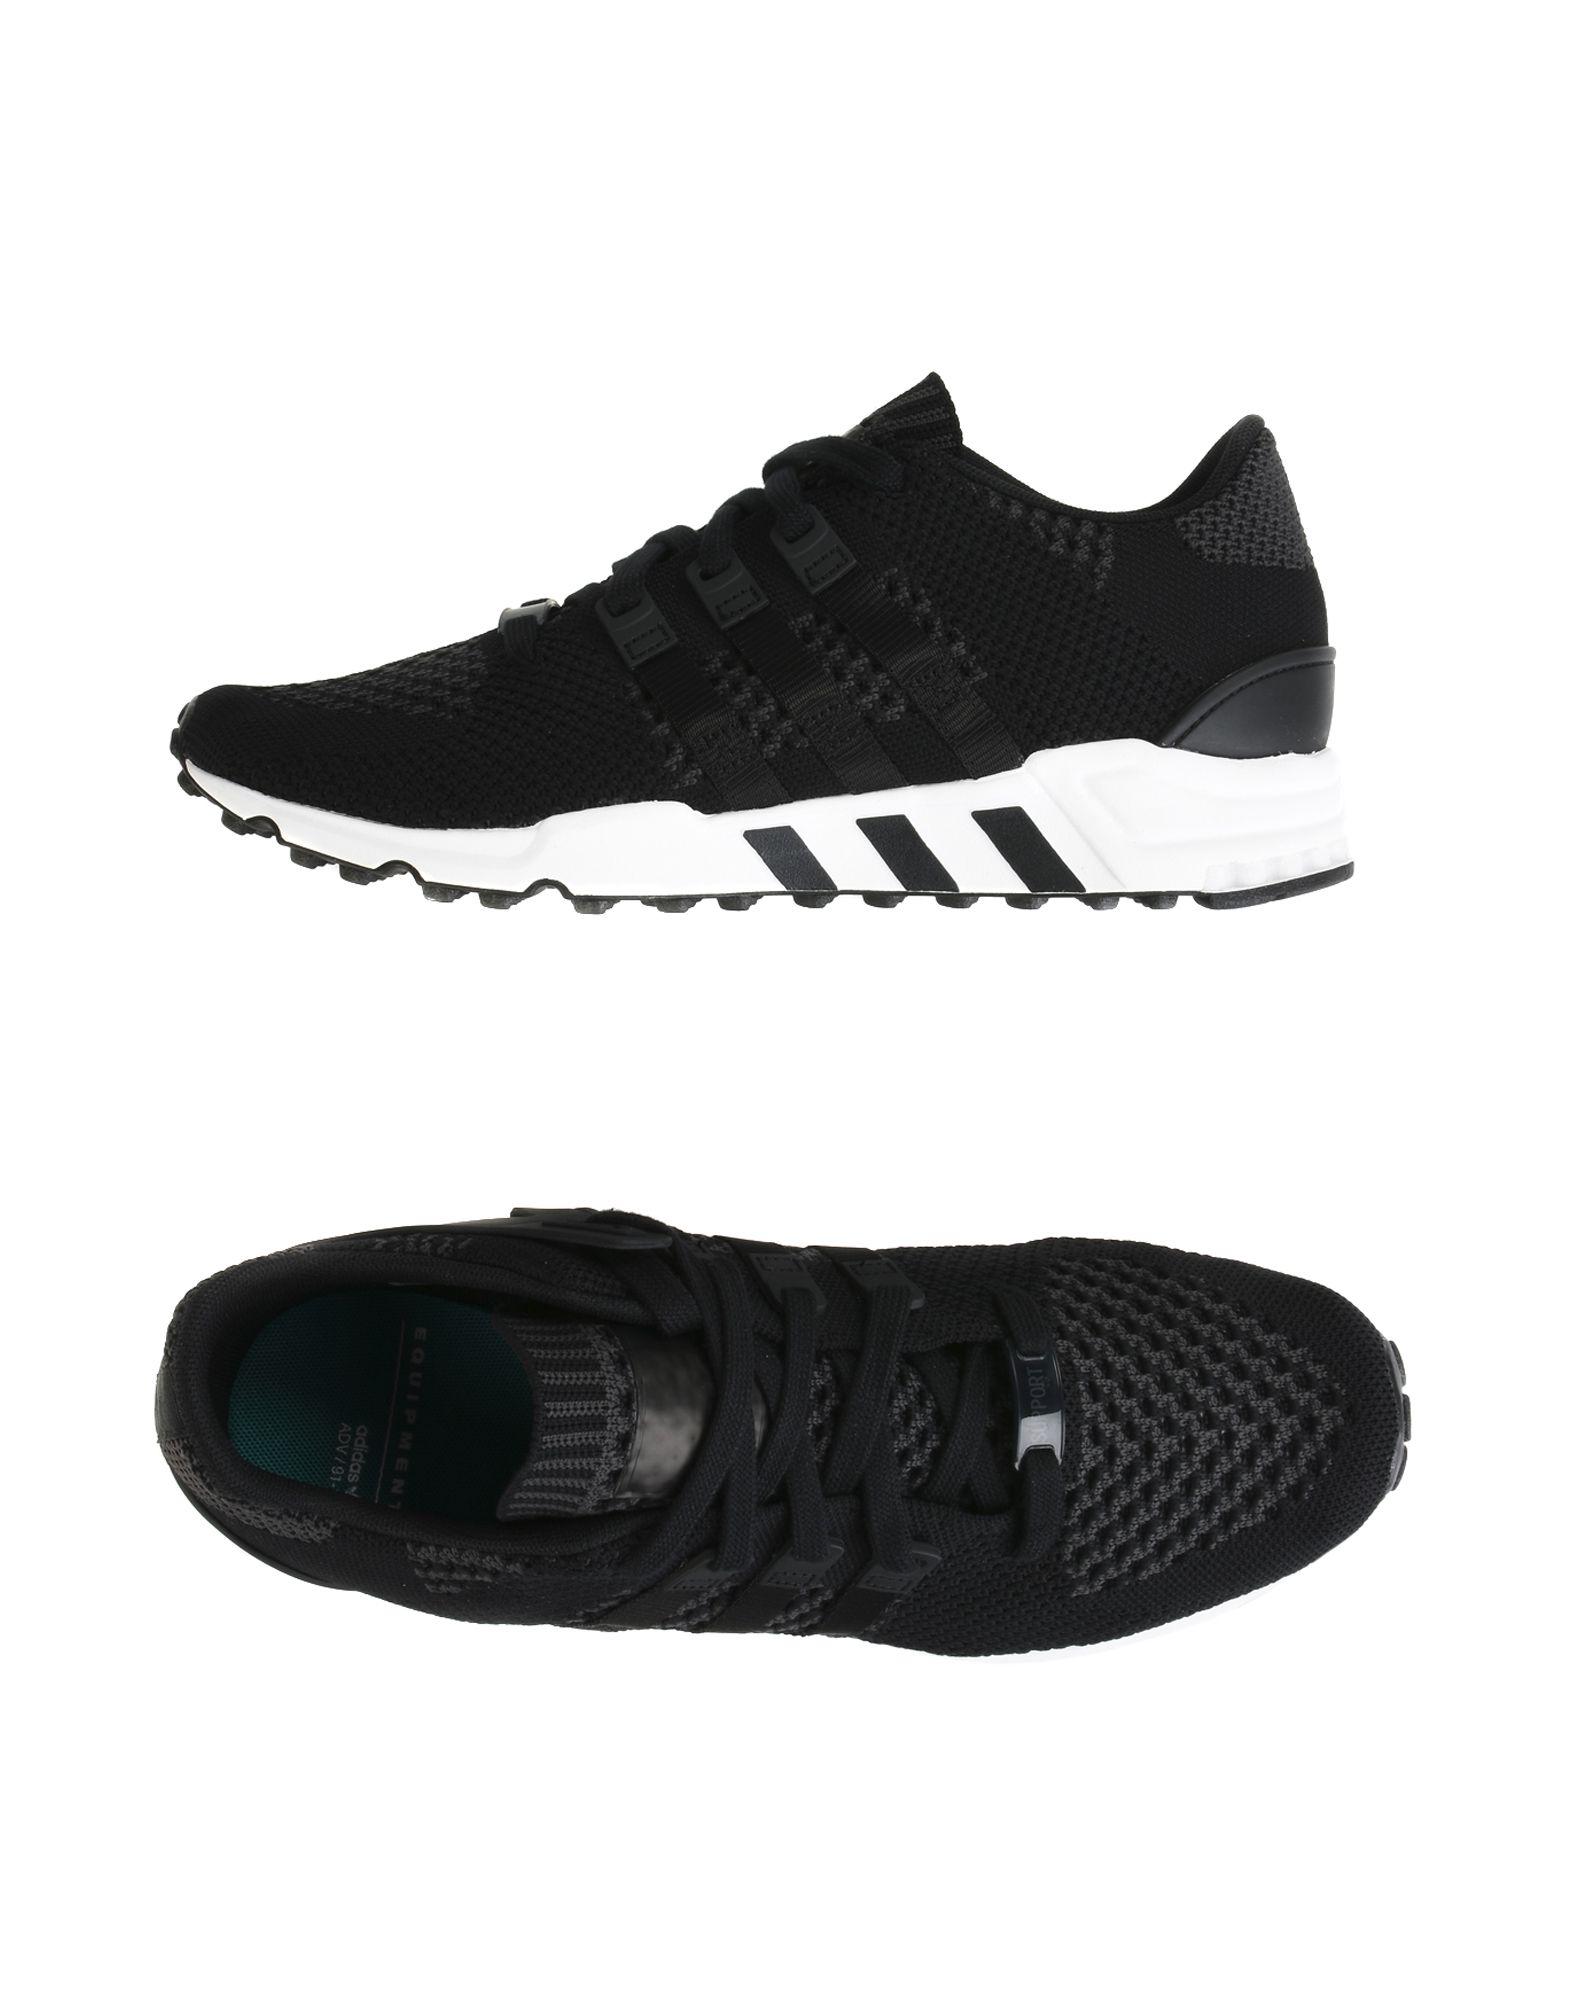 ADIDAS ORIGINALS Herren Low Sneakers & Tennisschuhe Farbe Schwarz Größe 9 - broschei